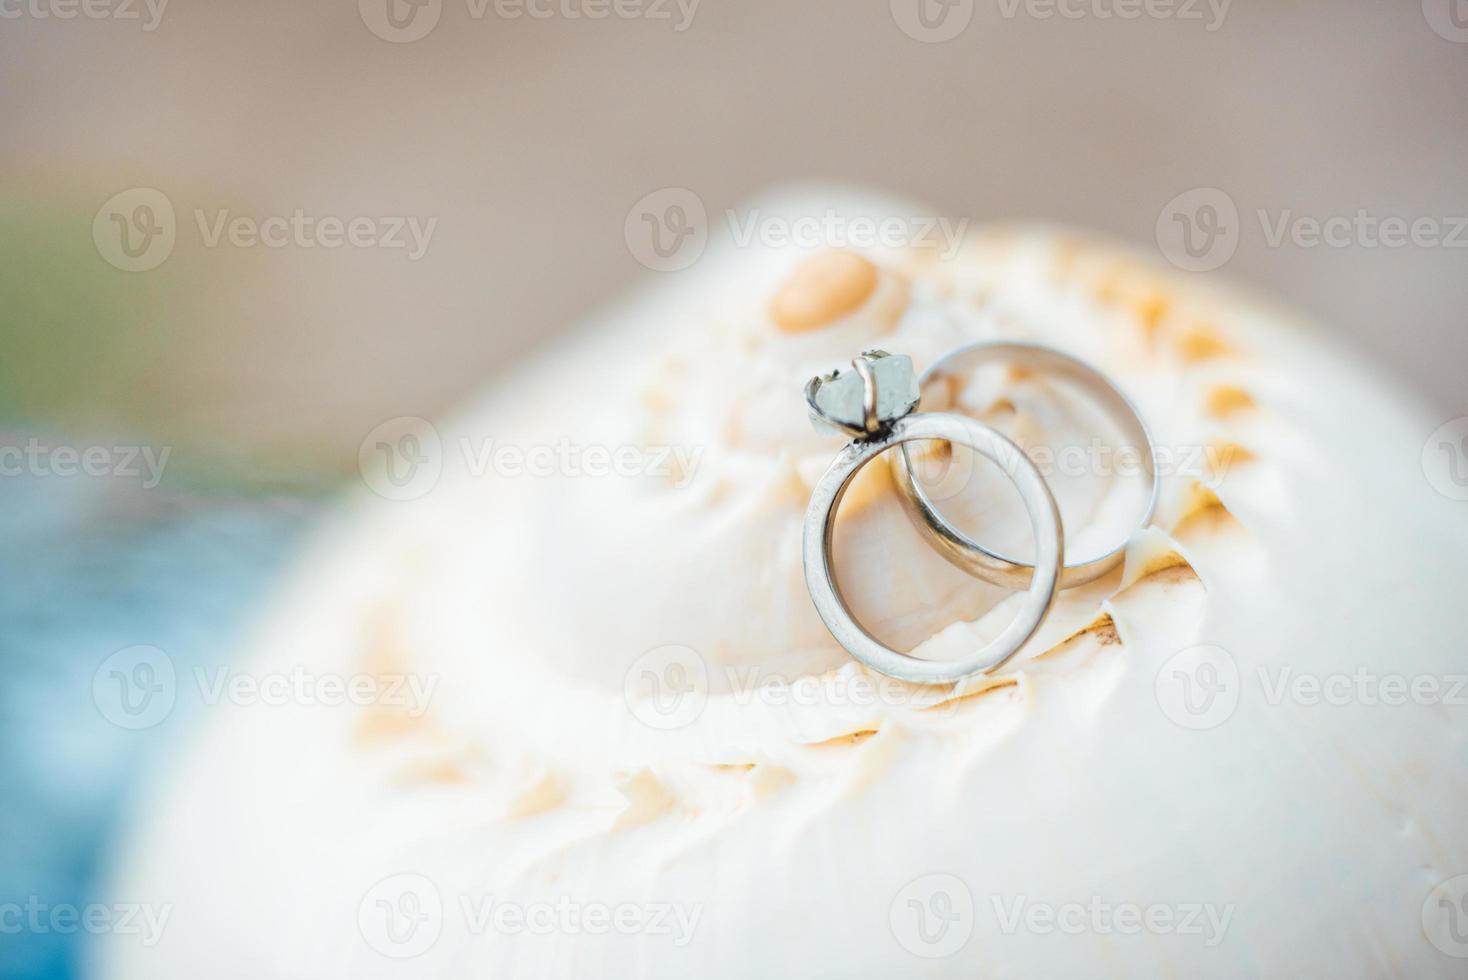 anneaux de mariage en or sur le coquillage photo